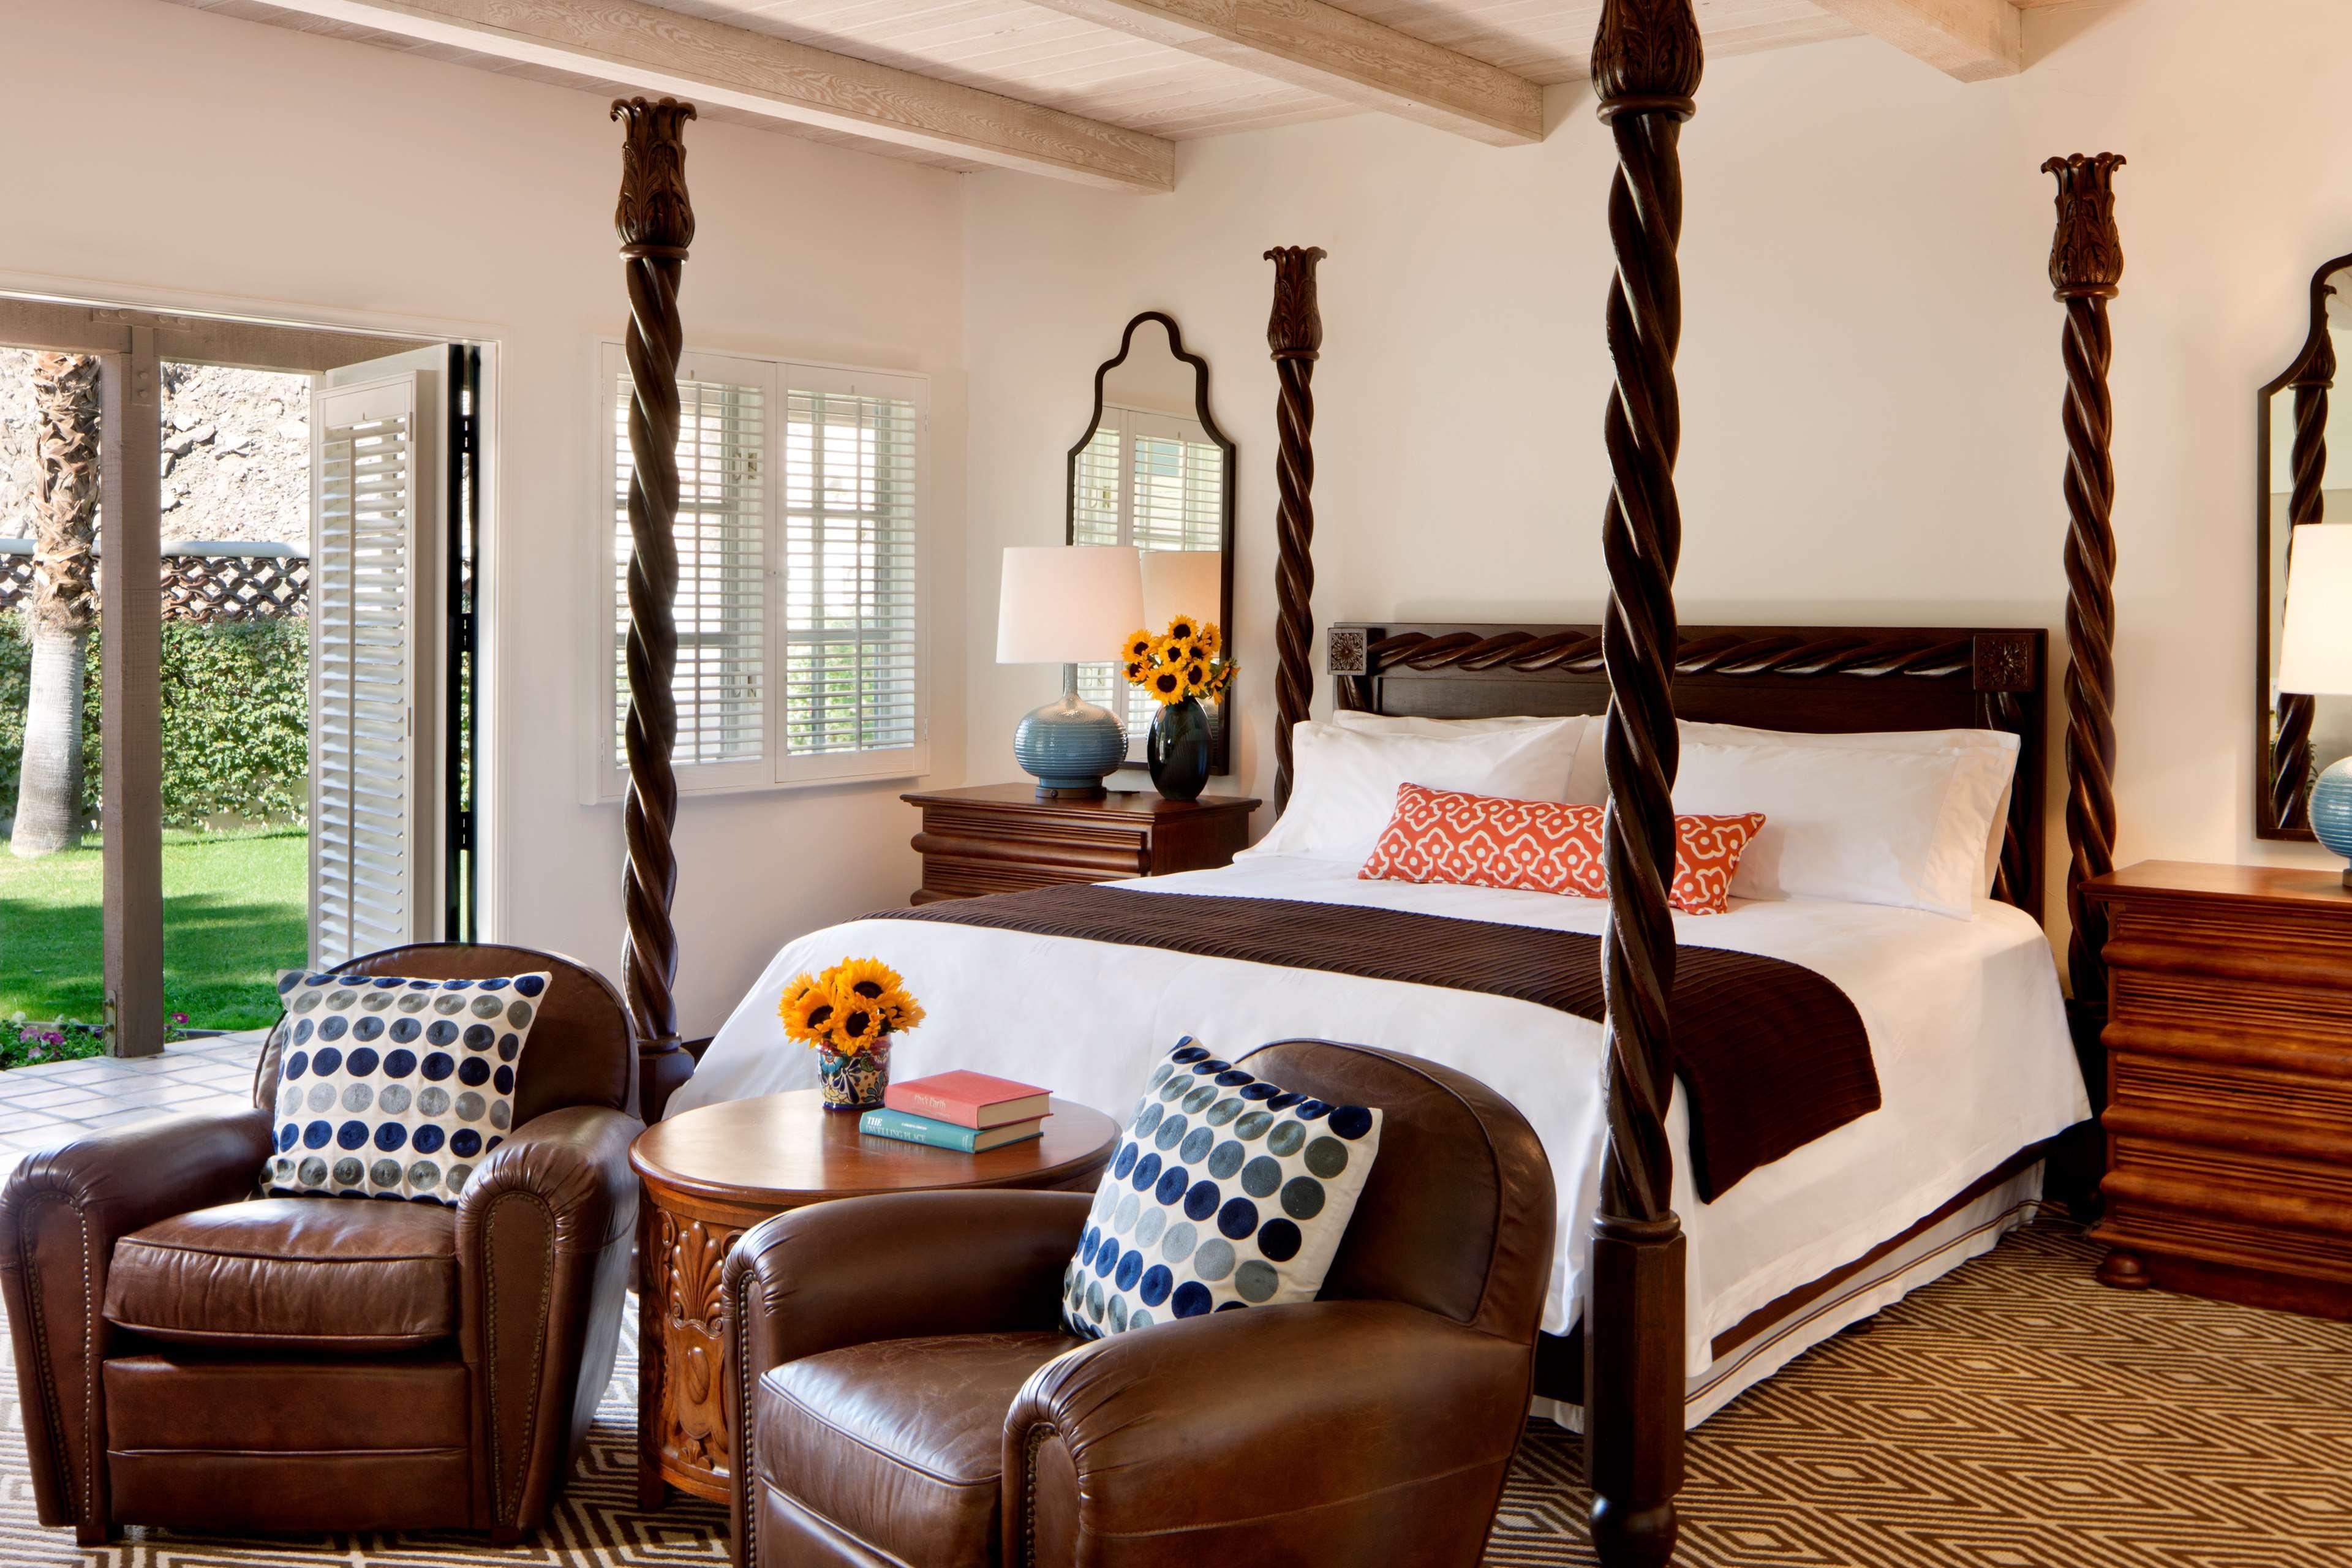 La Quinta Resort & Club, A Waldorf Astoria Resort image 22